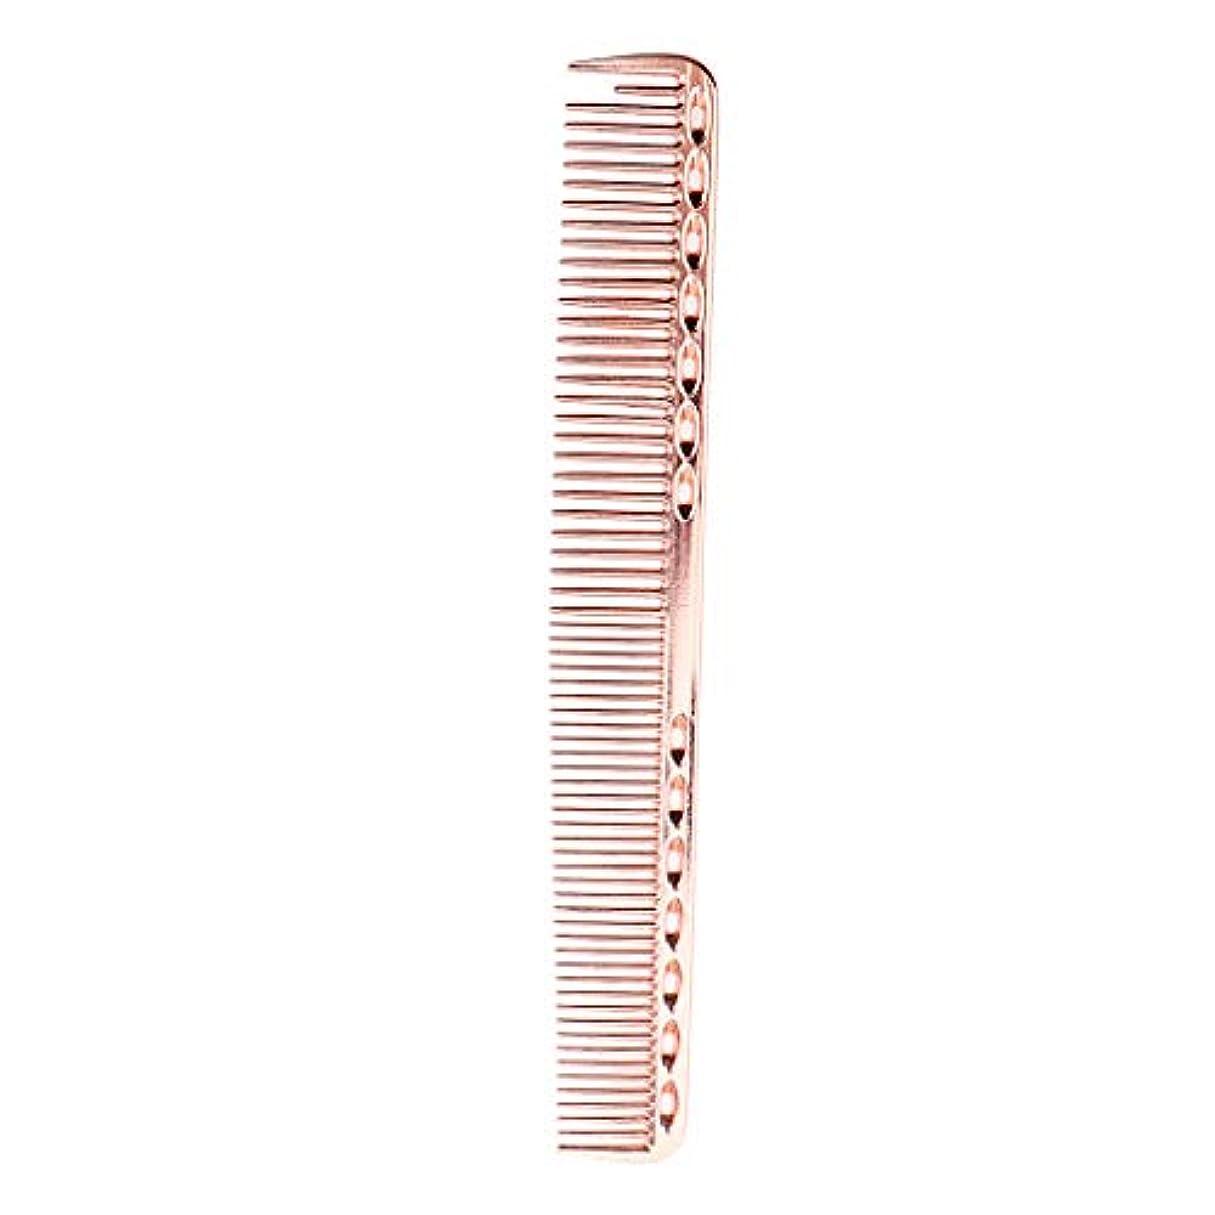 促進する引き出し国歌帯電防止櫛 頭皮マッサージ ヘアコーム プロ ヘアサロン 自宅用 5色選べ - ローズピンク